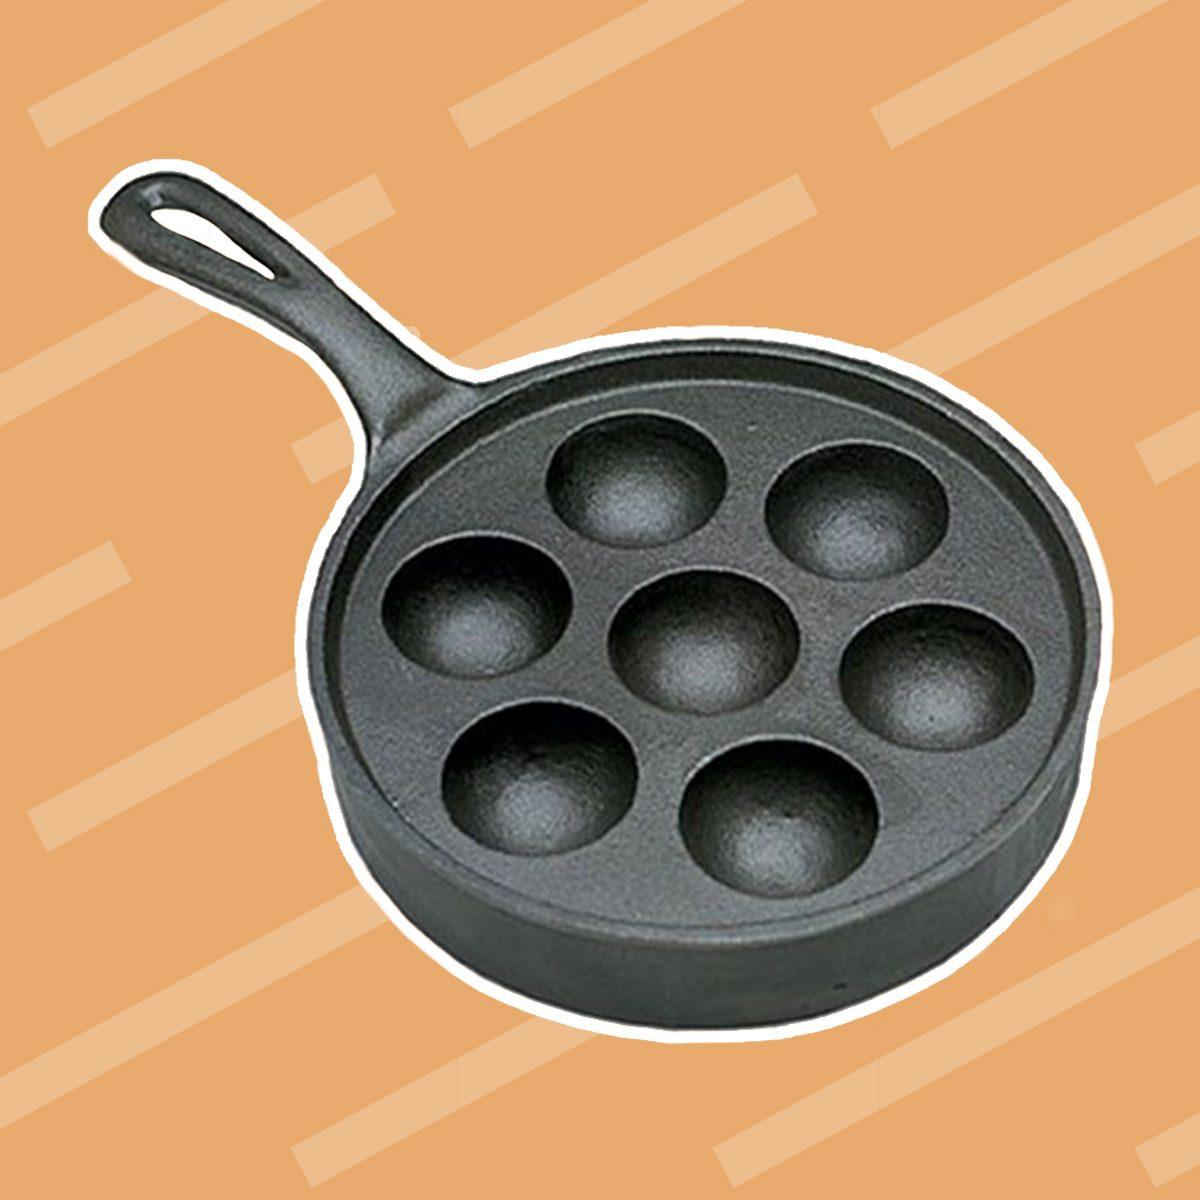 Aebleskiver Pancake Puffs Pan